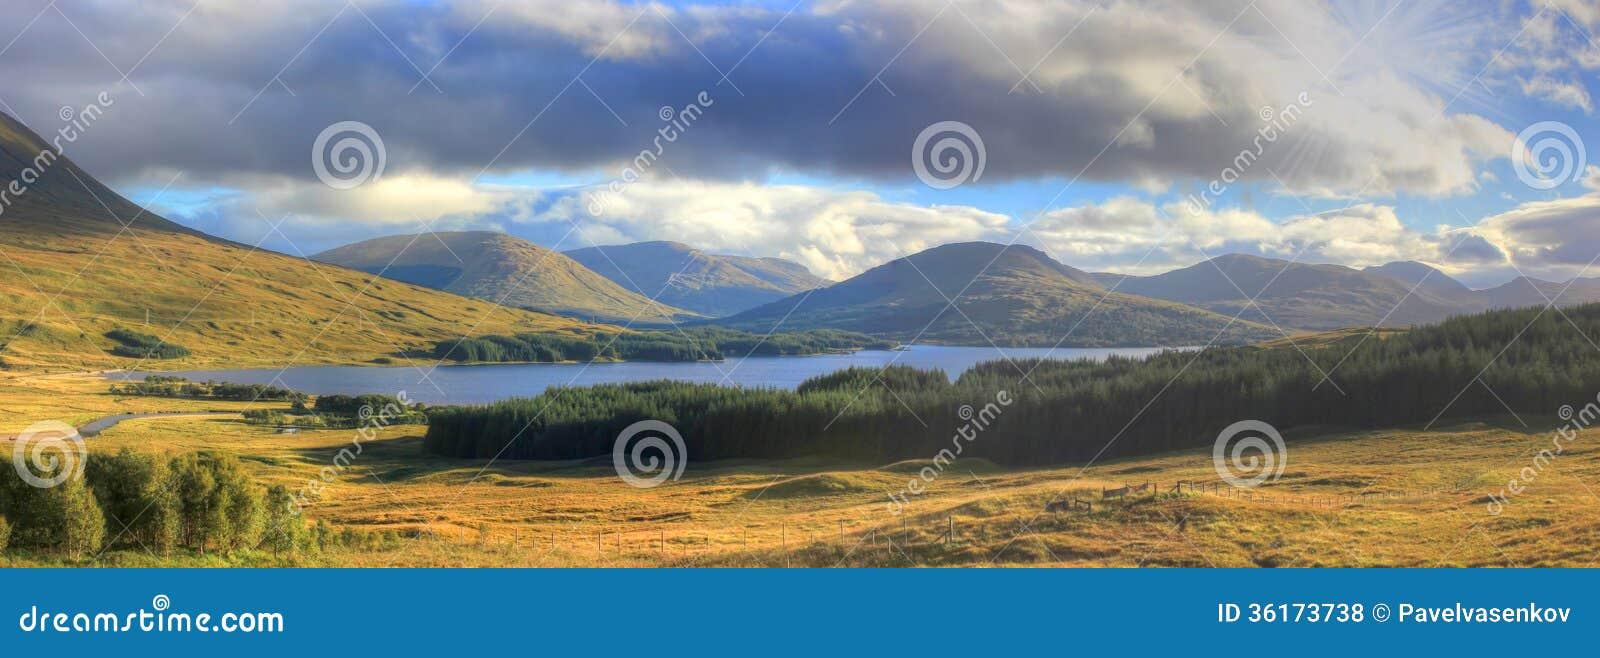 Glen Coe, Hochland, Schottland, Großbritannien